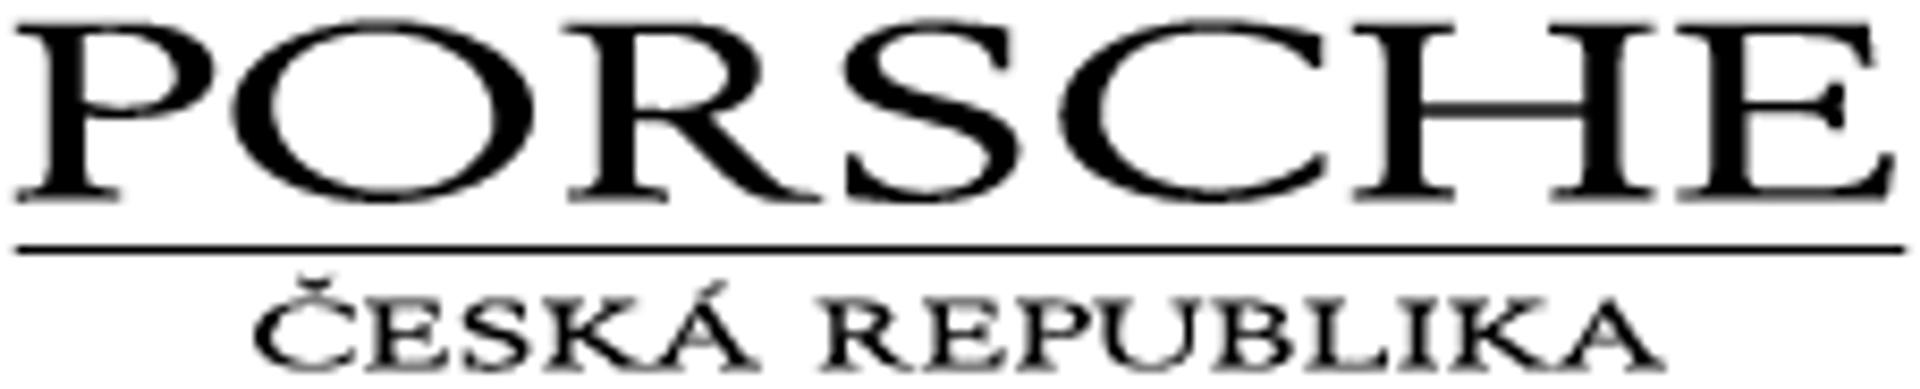 cd38686a-porsche_logo.png